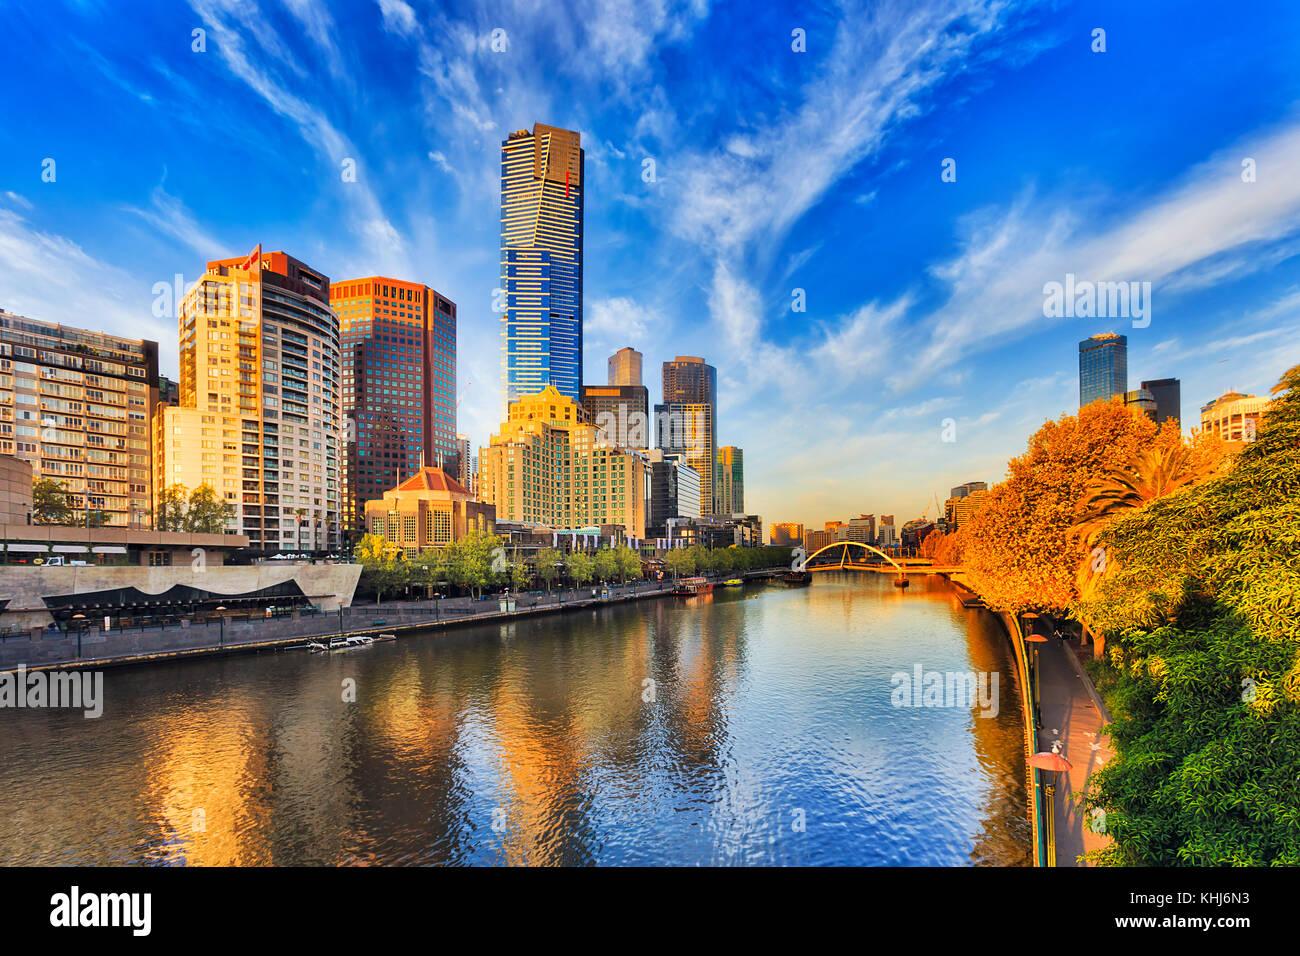 Più alto grattacielo di Melbourne Eureka Tower domina South Yarra cityscape oltre il fiume Yarra nel caldo Immagini Stock